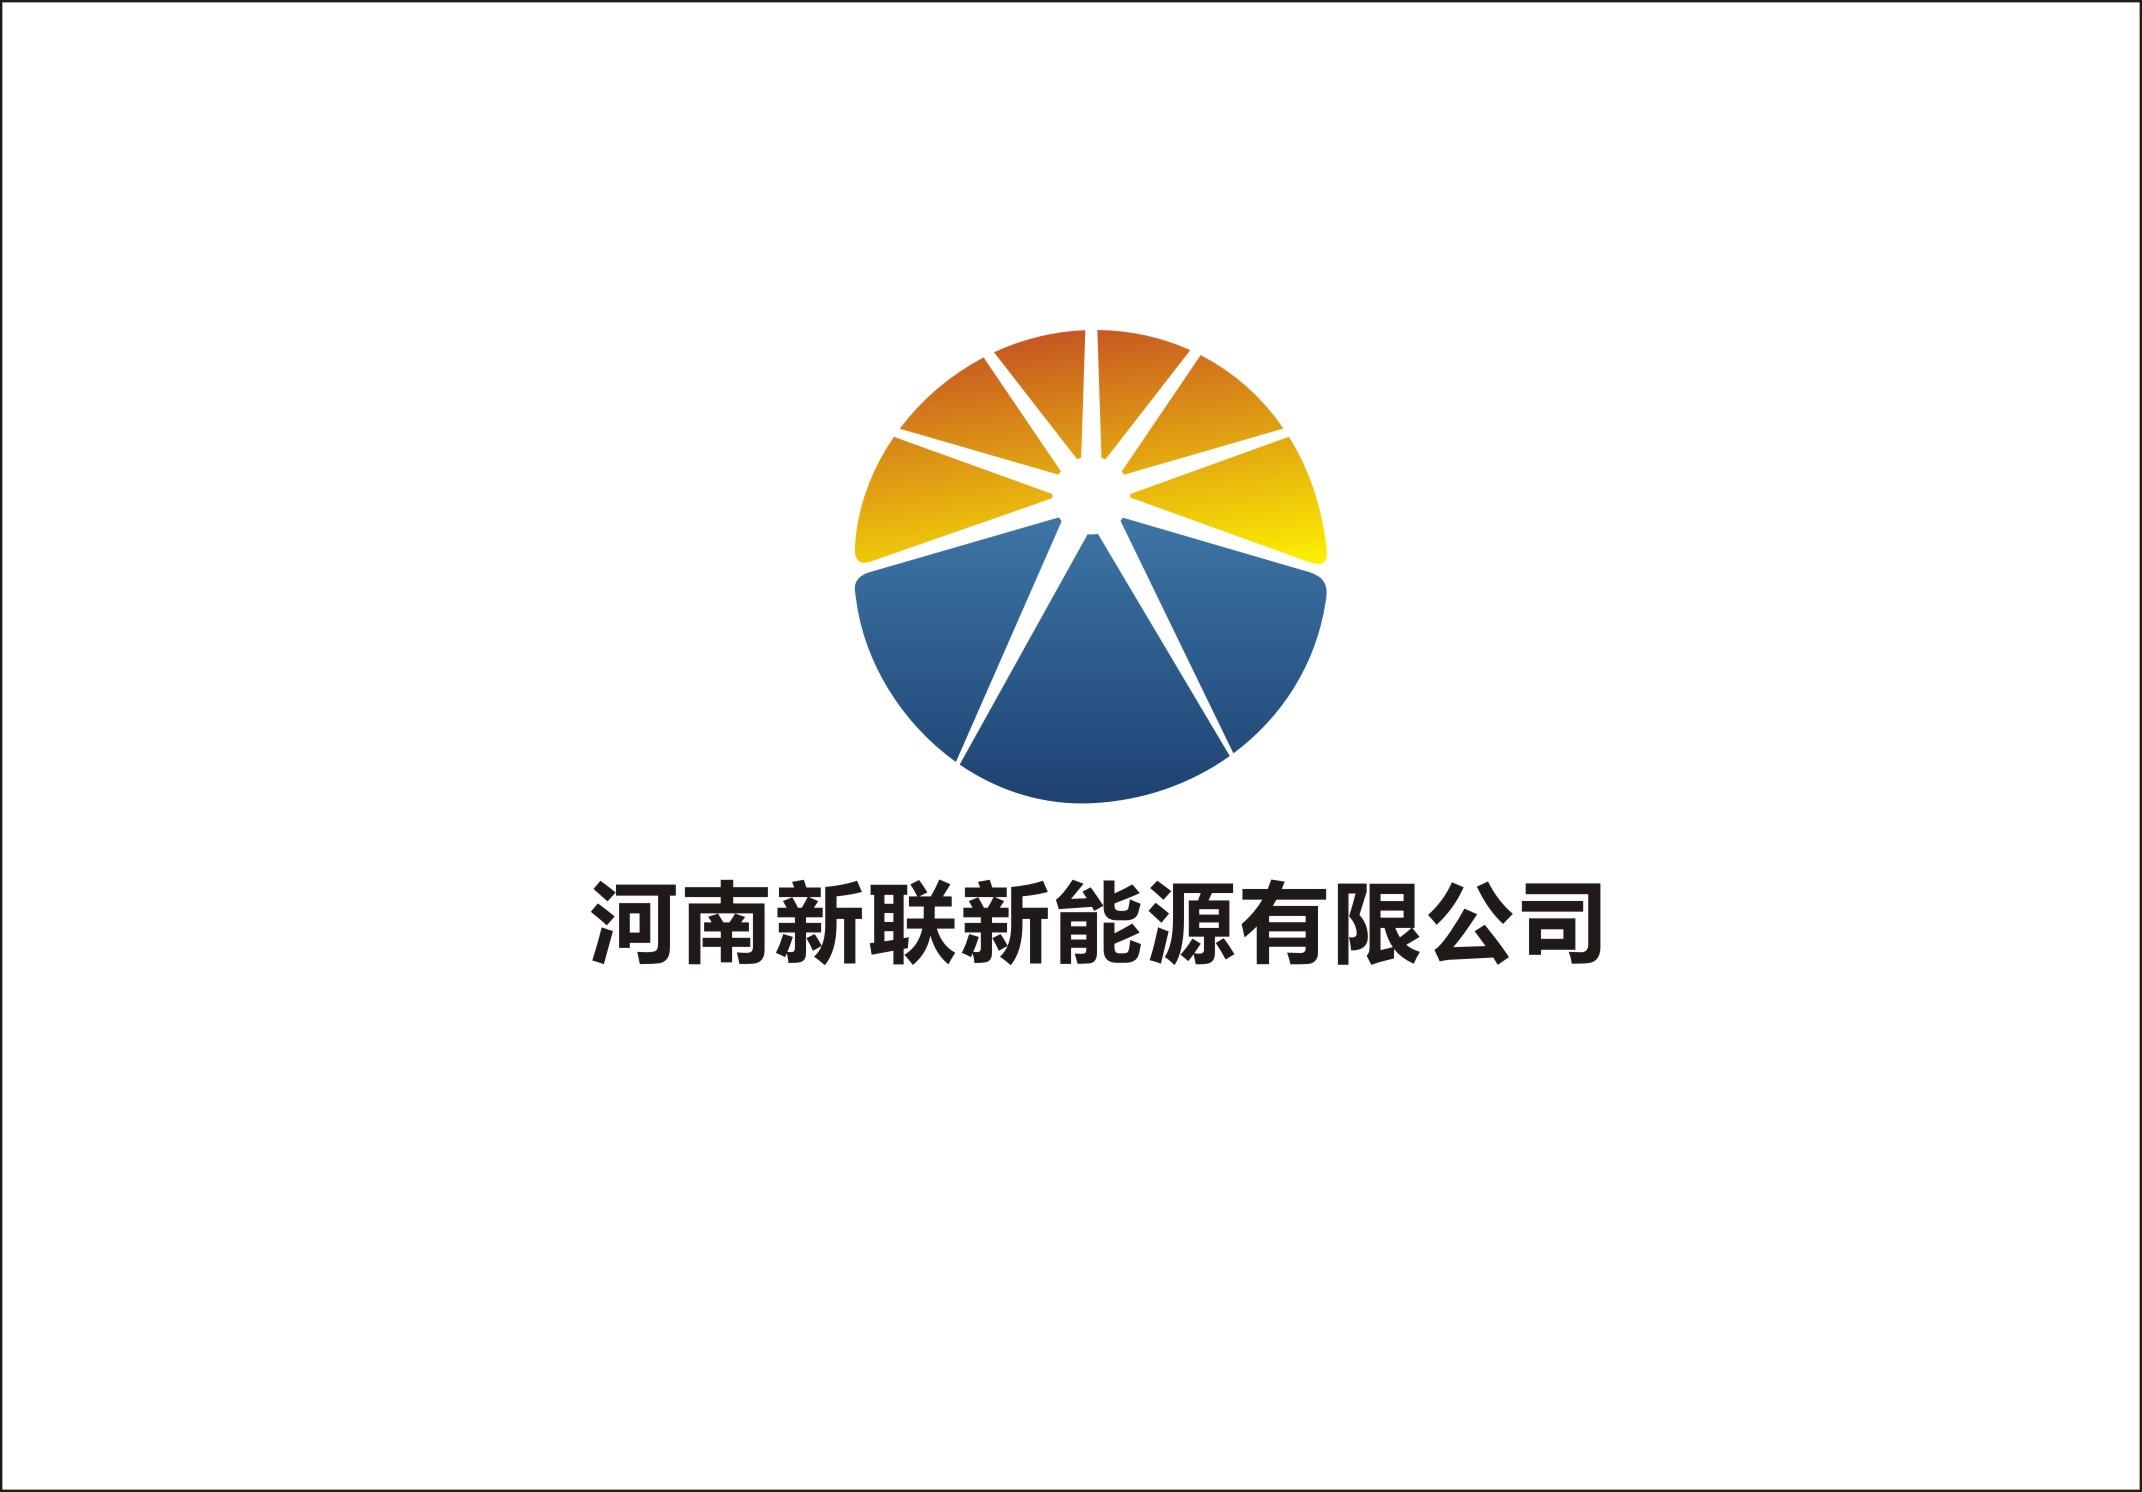 河南新联新能源有限公司最新招聘信息